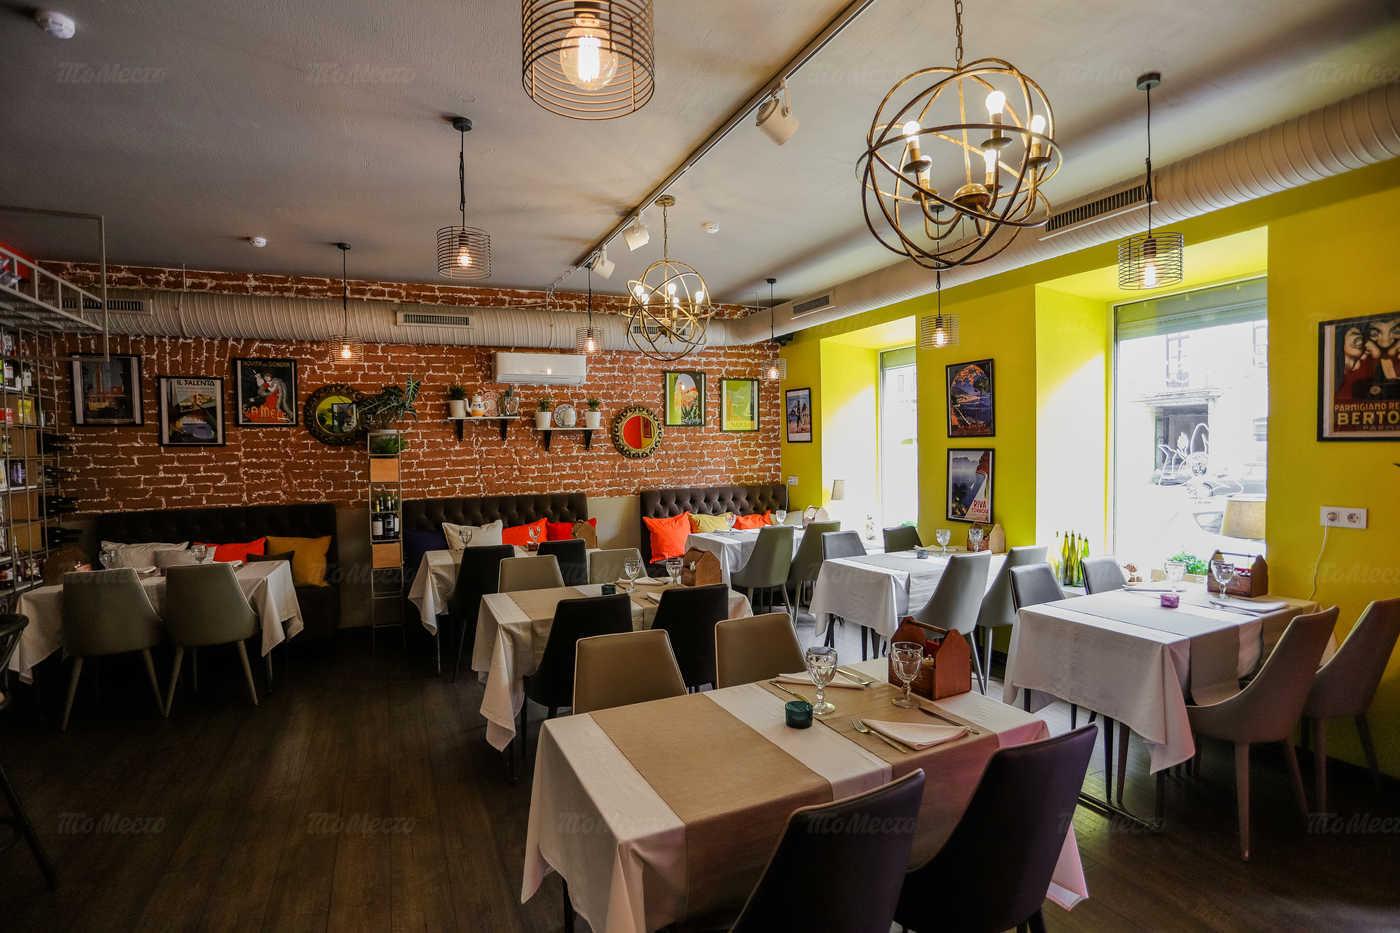 Ресторан Little Sicily на Марата